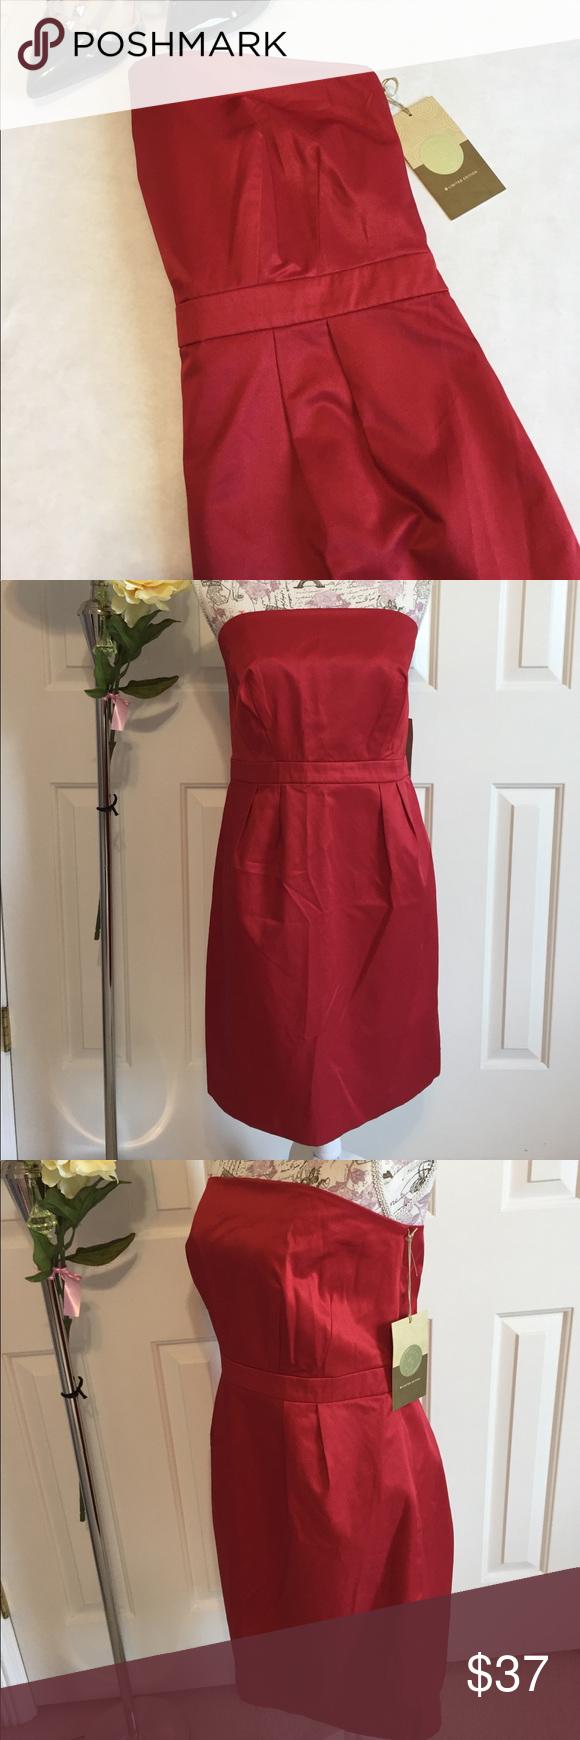 Target Ltd Edition Strapless Dress Nwt Dresses Limited Edition Dress Strapless Cocktail Dresses [ 1740 x 580 Pixel ]